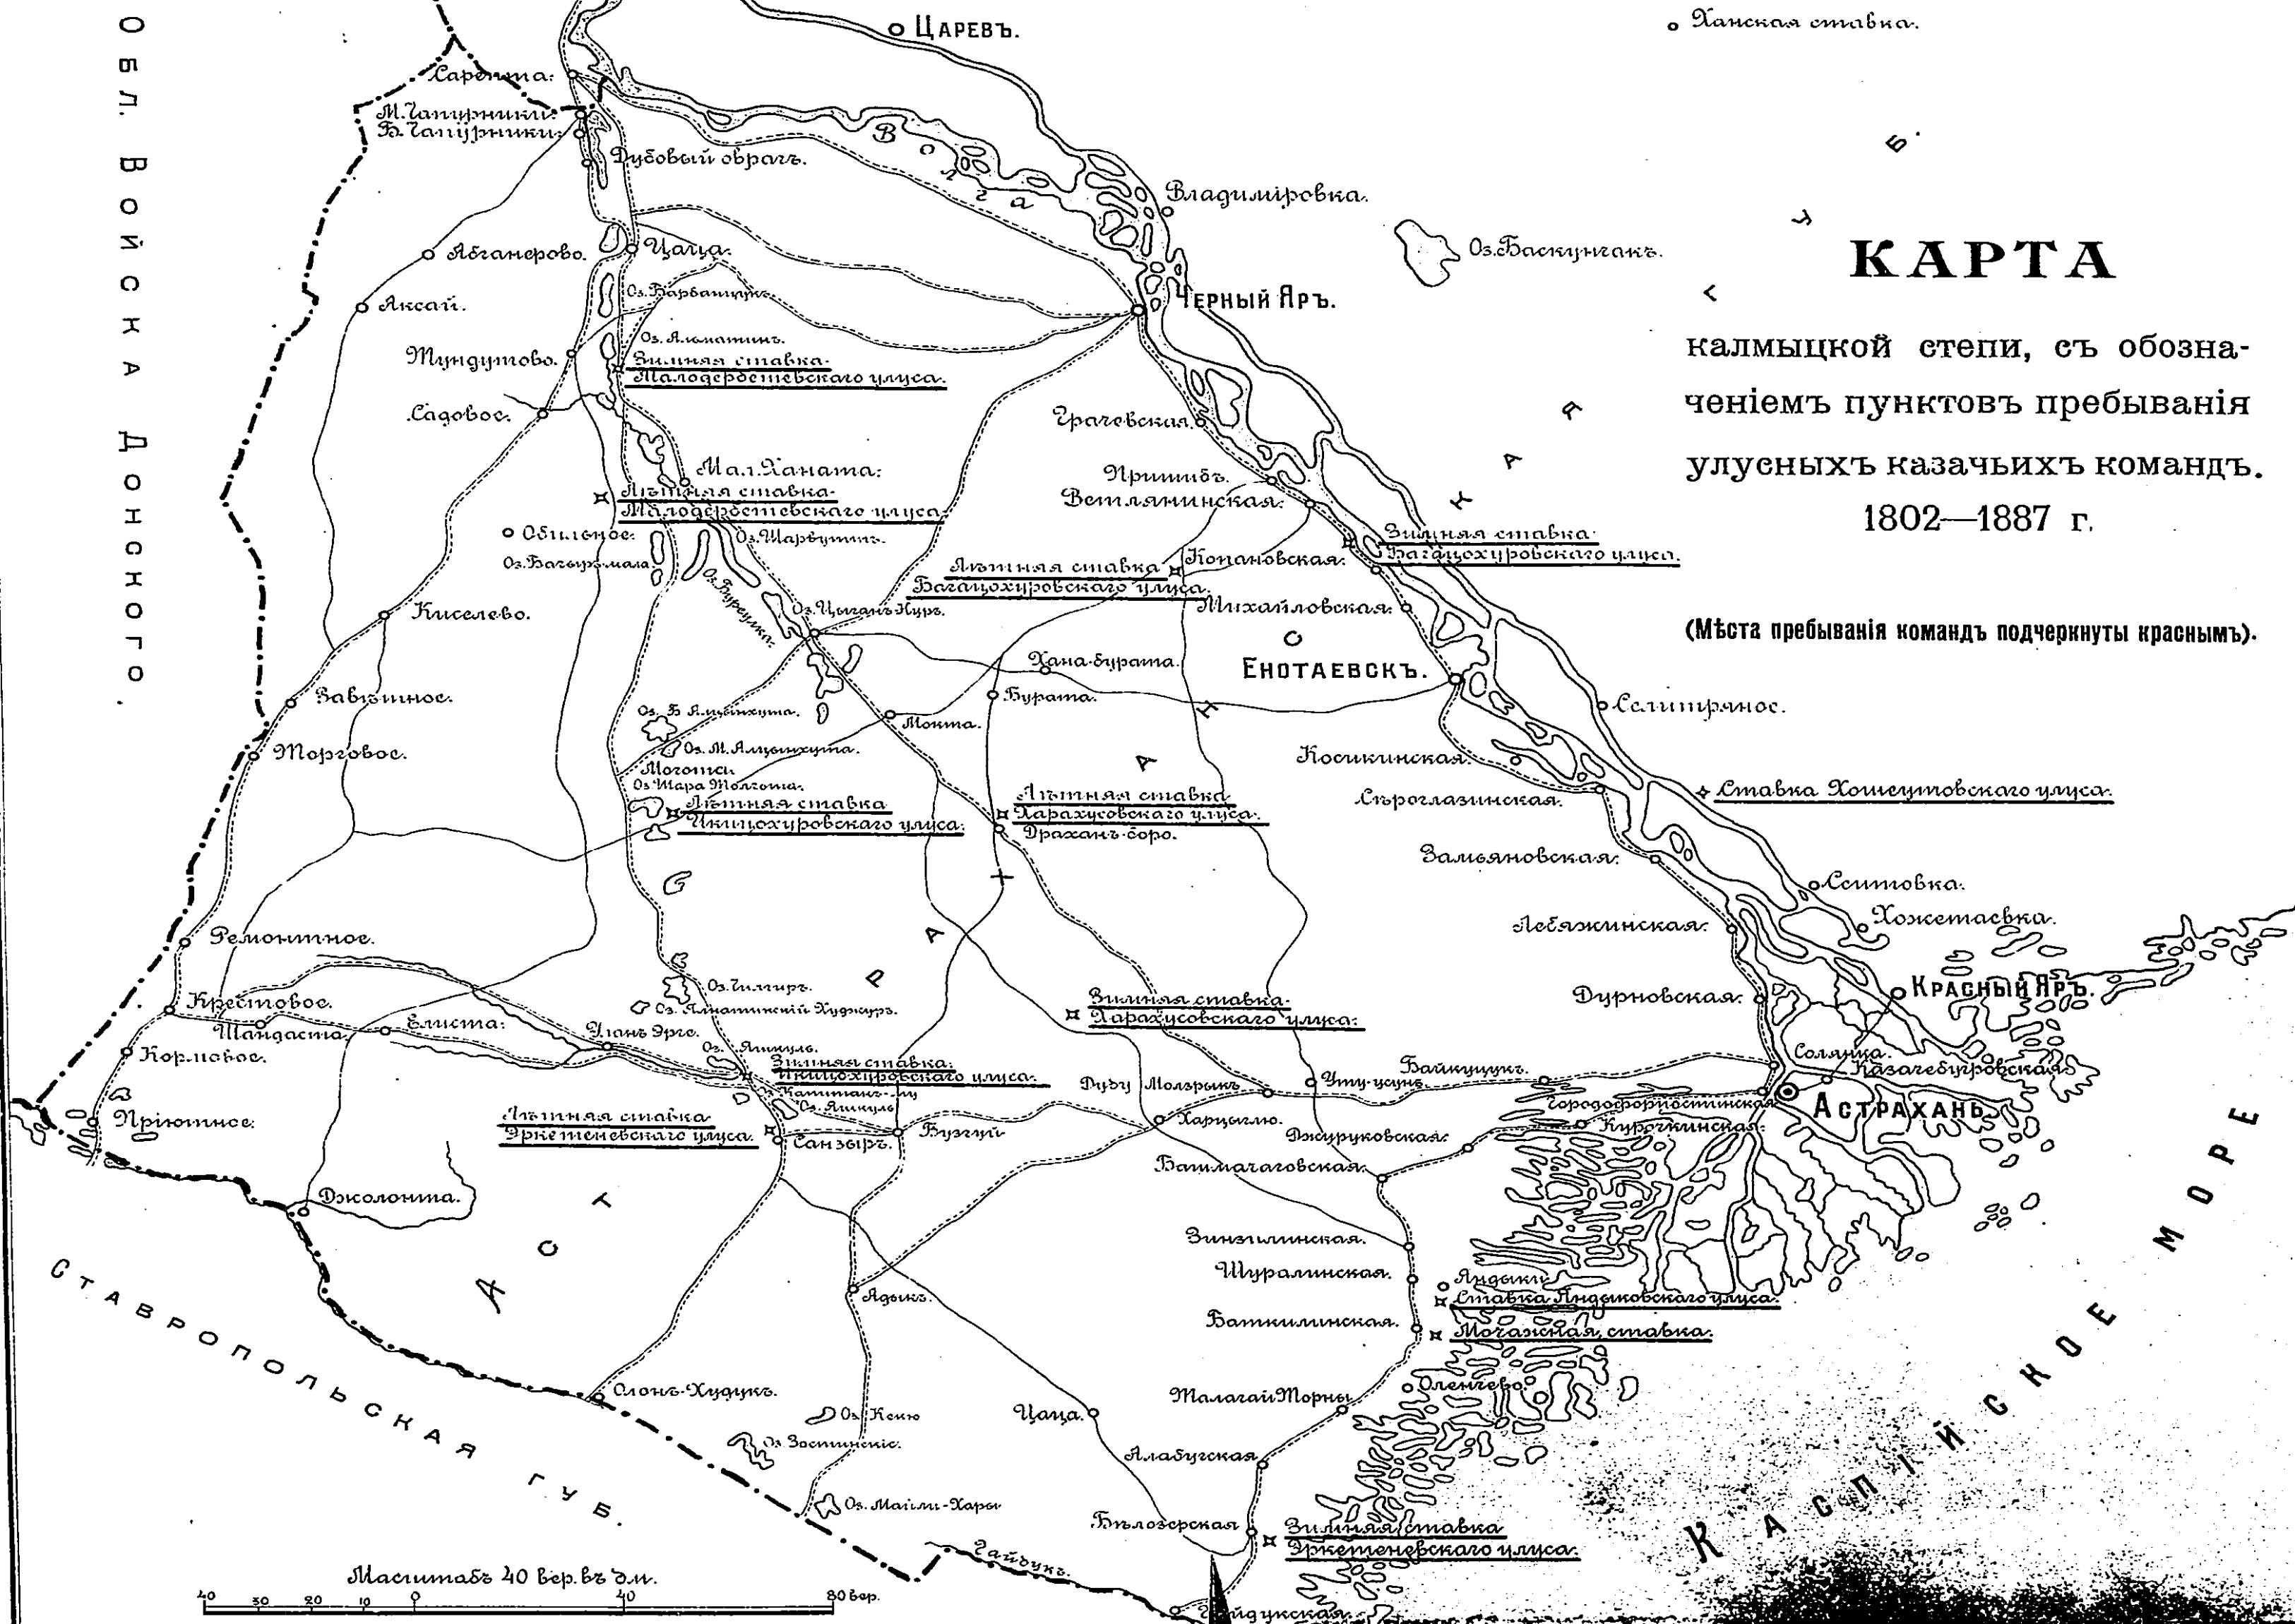 карта расположения улусных казачьих команд АКВ